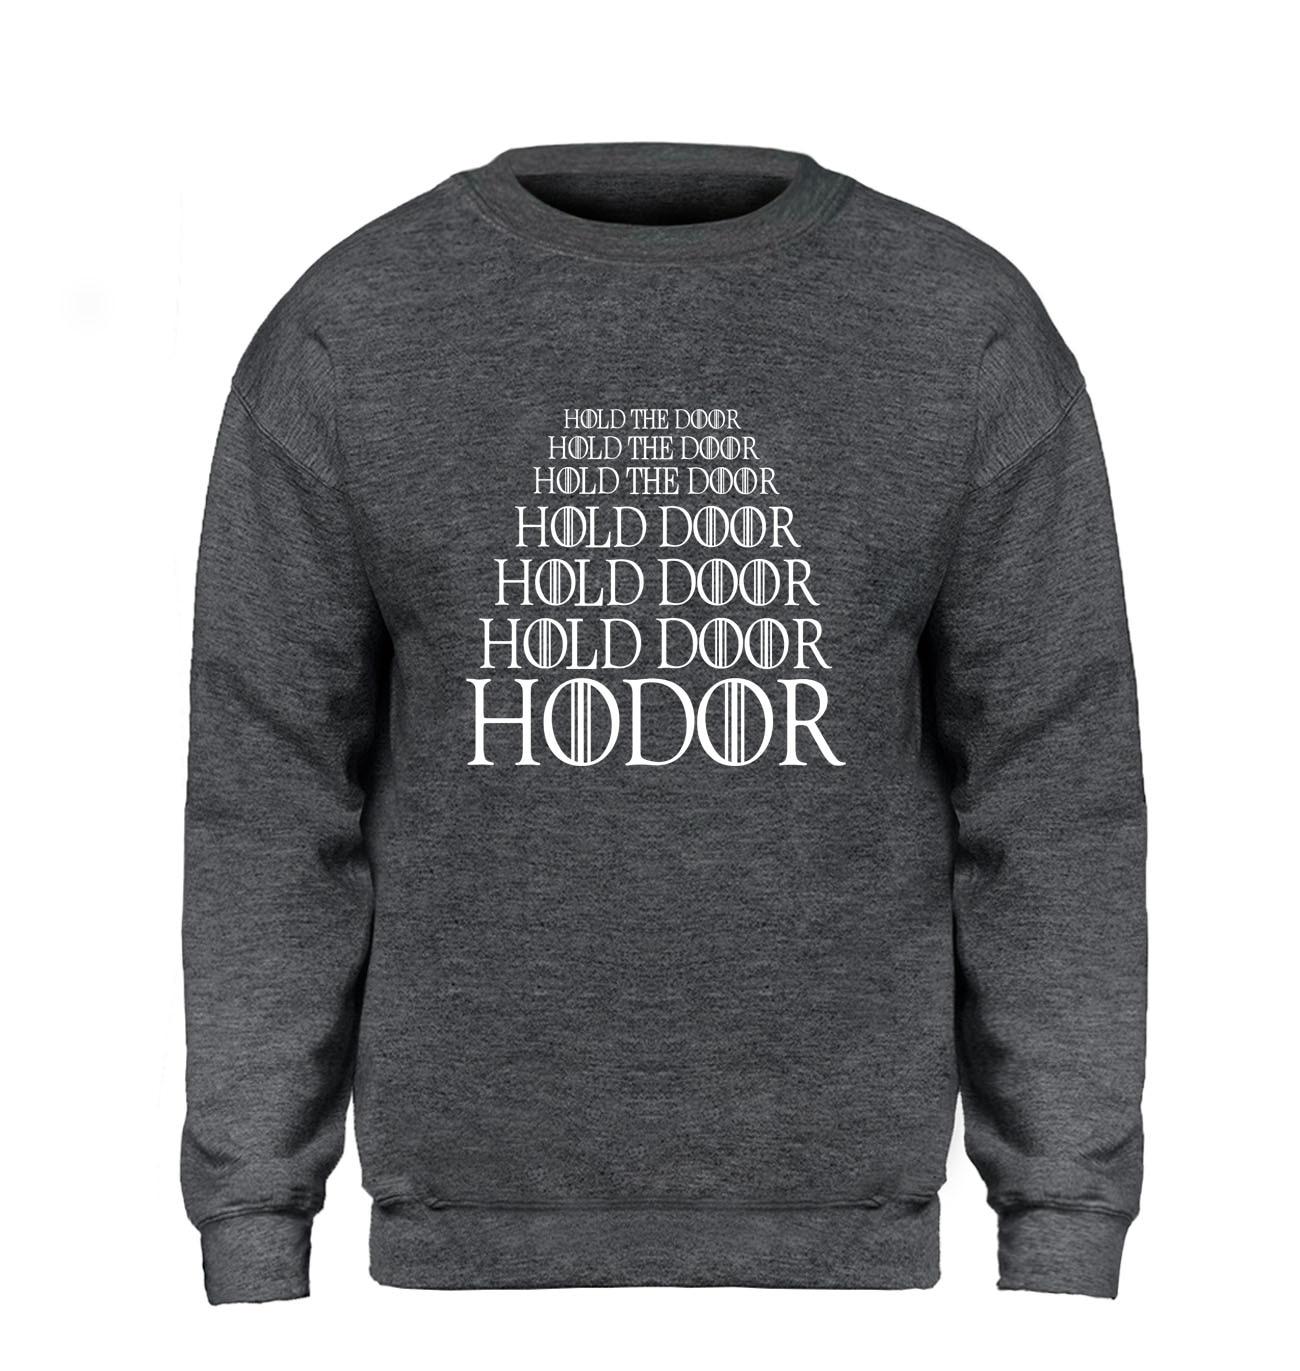 Game Of Thrones Hoodie Men Hodor Hold The Door Sweatshirt Winter Autumn Fleece Warm Black Gray Brand Pullover Sweatshirts Homme